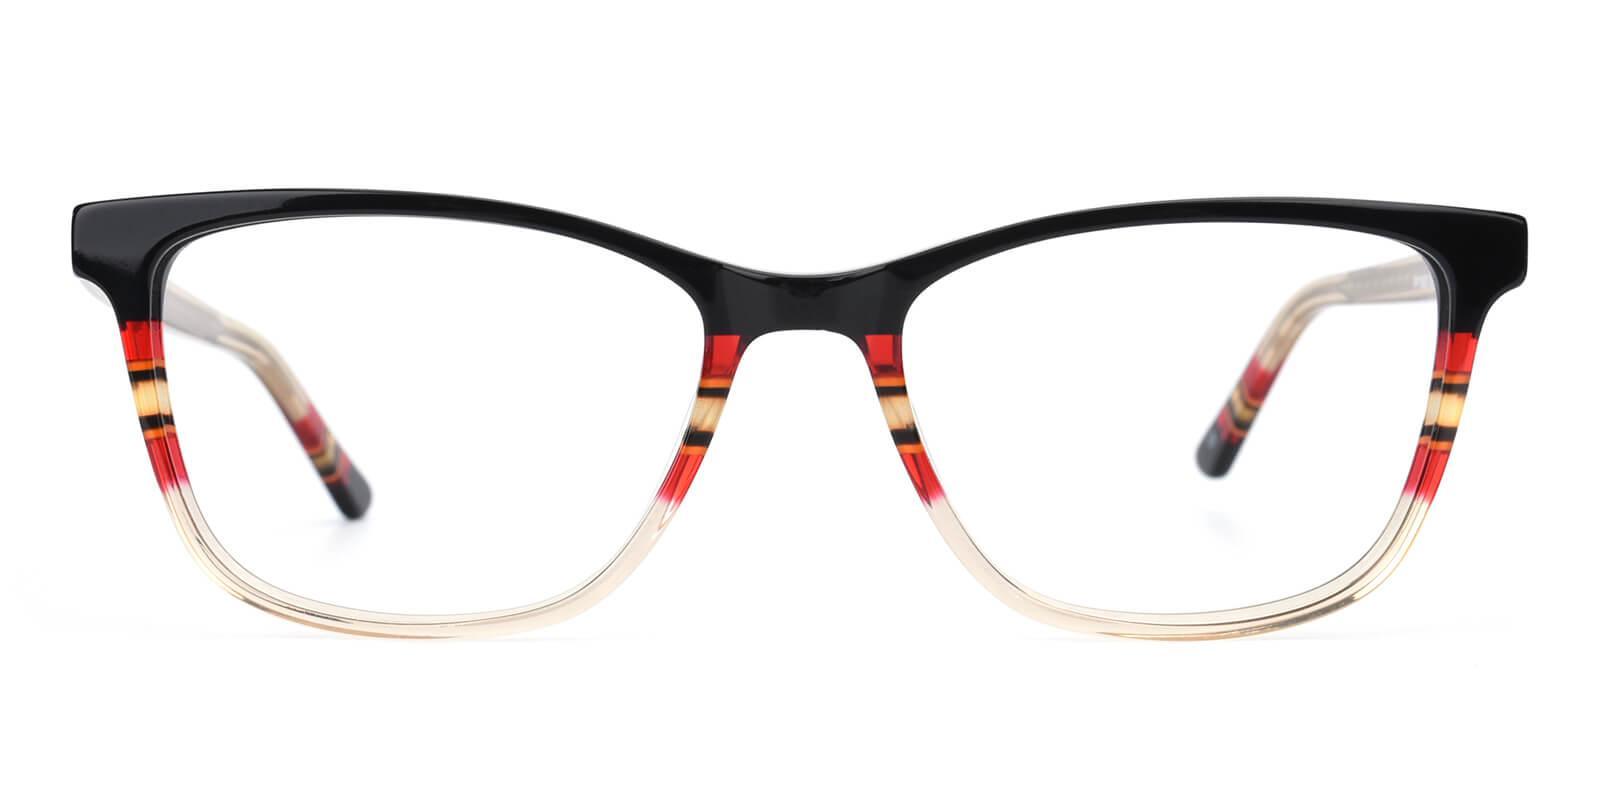 Selinda-Brown-Square / Cat-Acetate-Eyeglasses-additional2